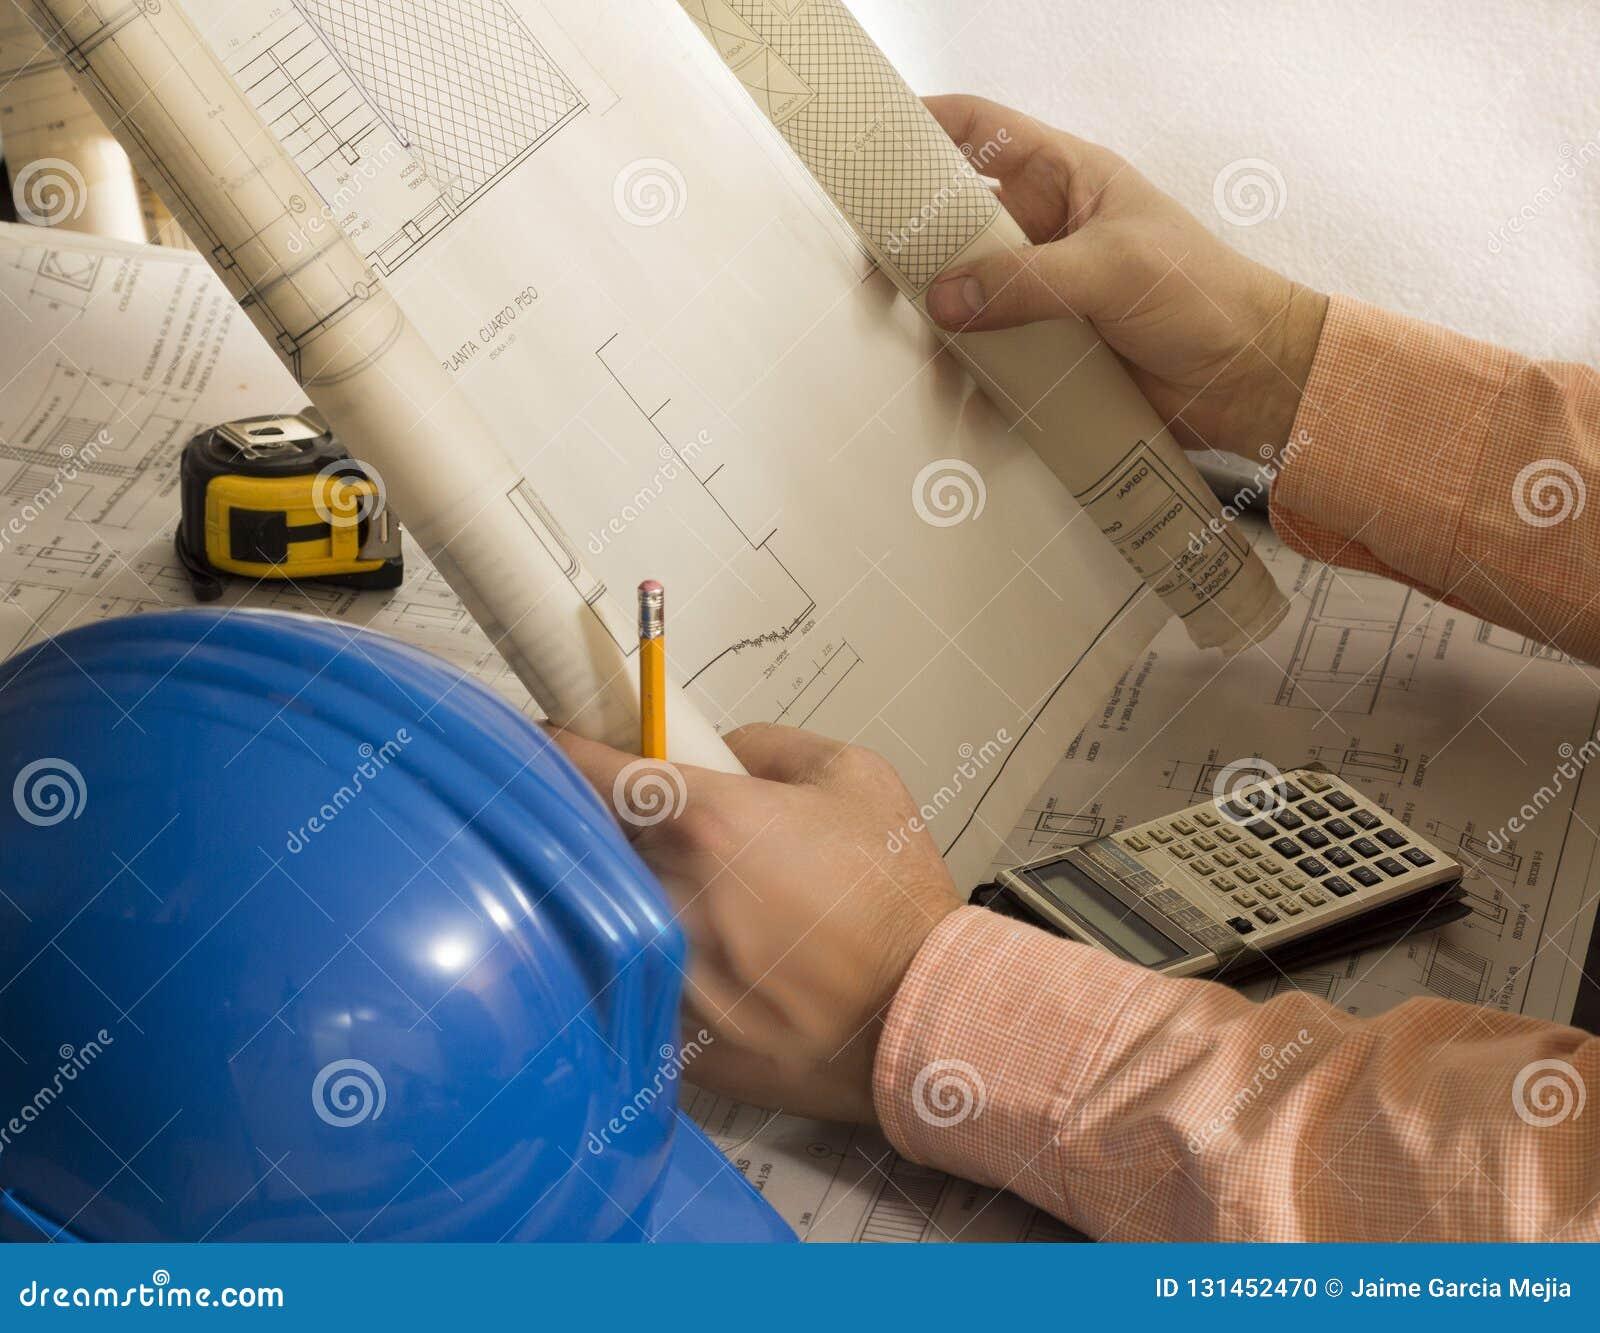 Architekturpläne des Bauingenieurarchitekten Pläne mit Meter, Sturzhelm, Taschenrechner und Bleistift wiederholend